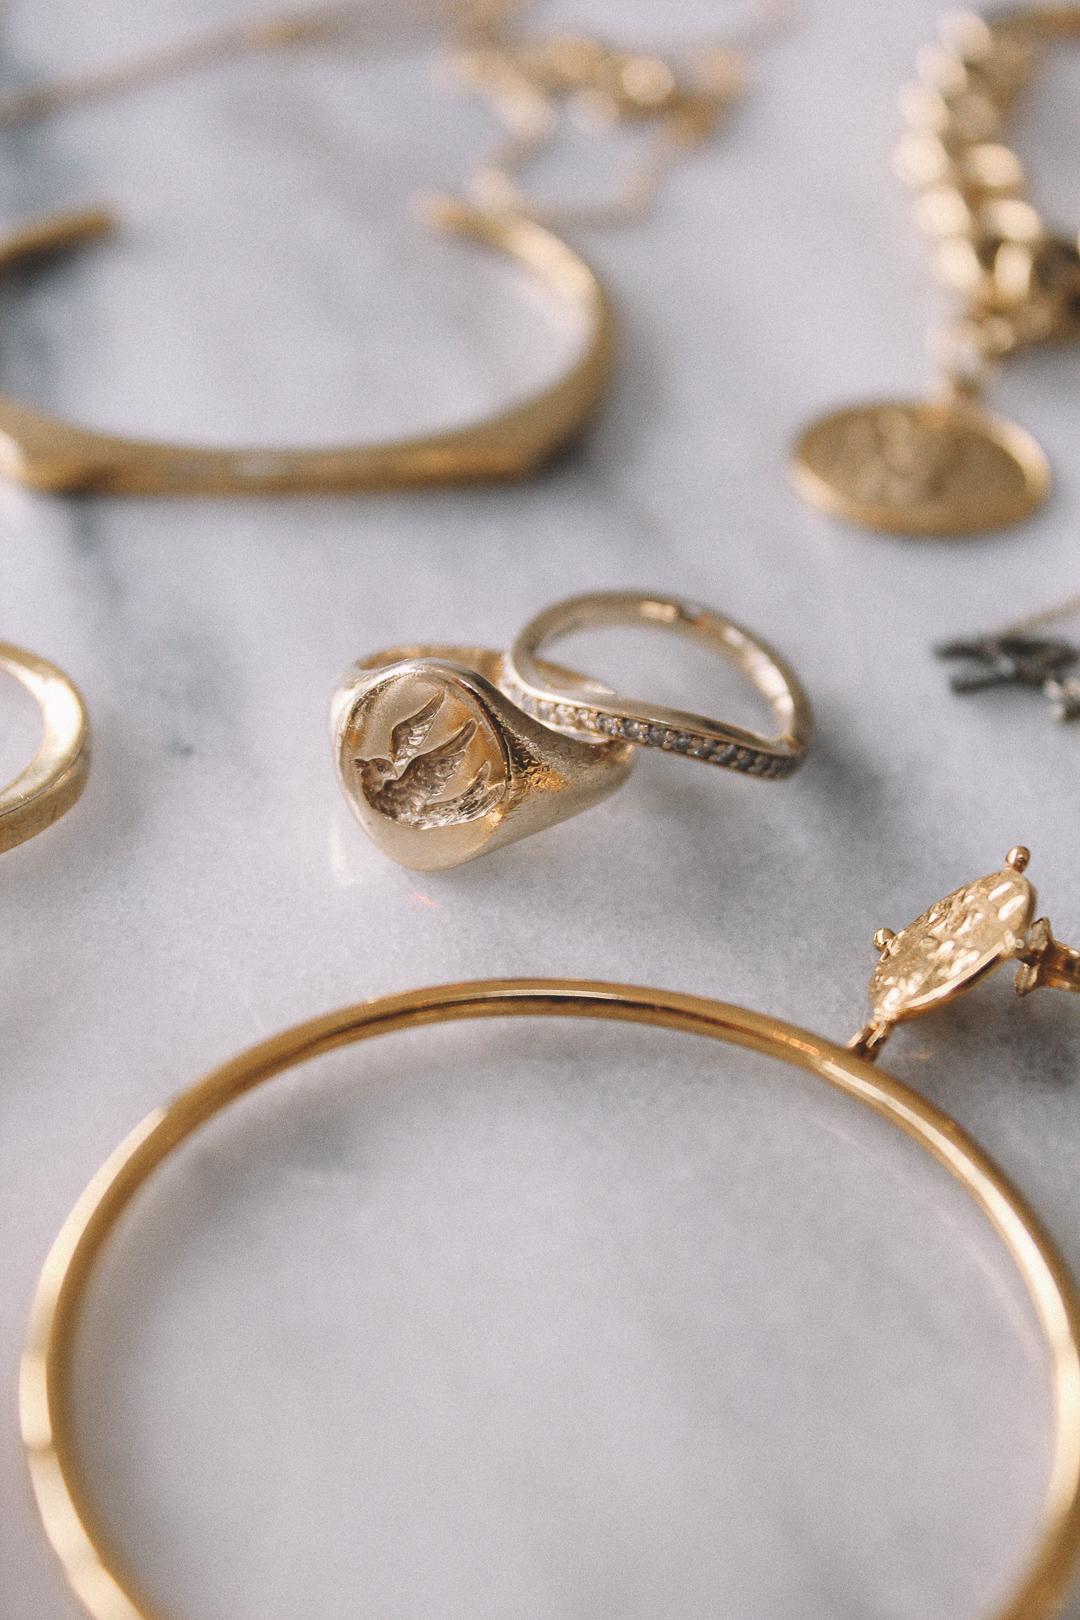 jewellery (3 of 12)